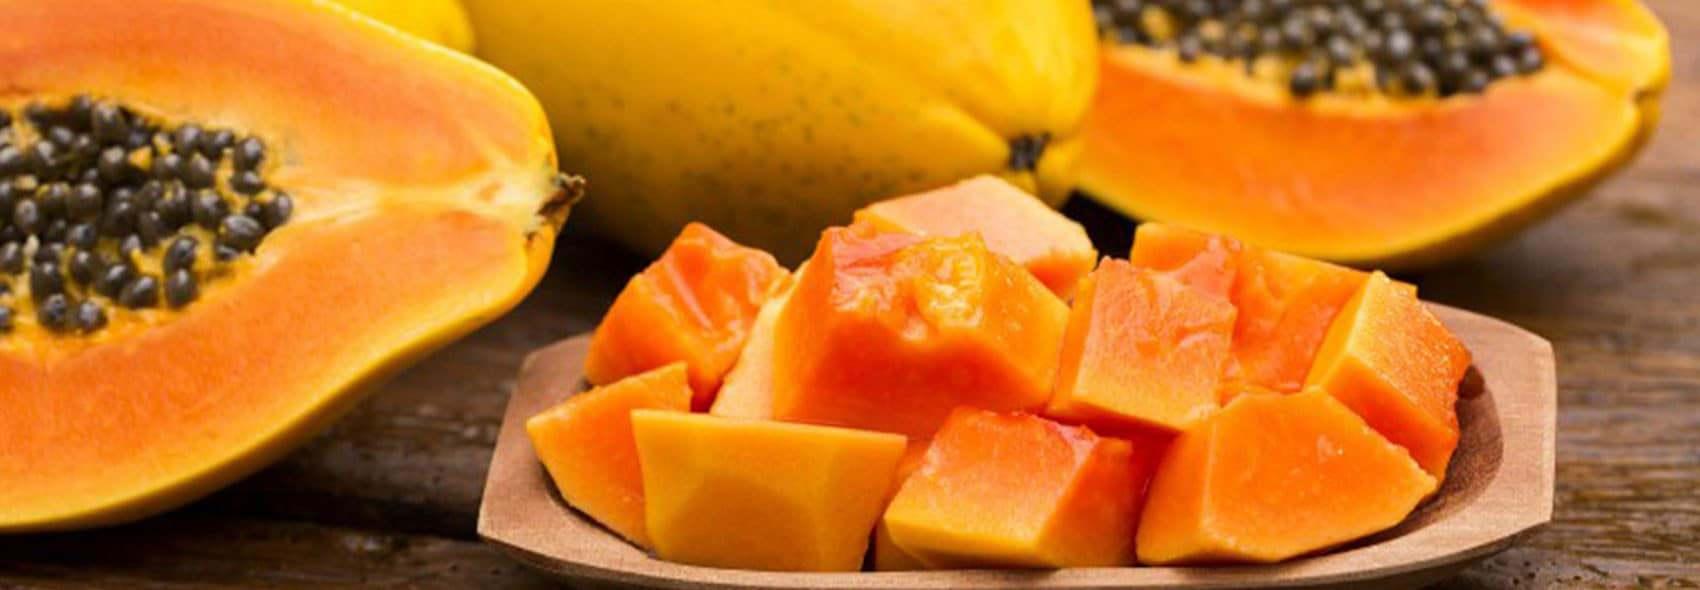 Lycopene benefits papaya